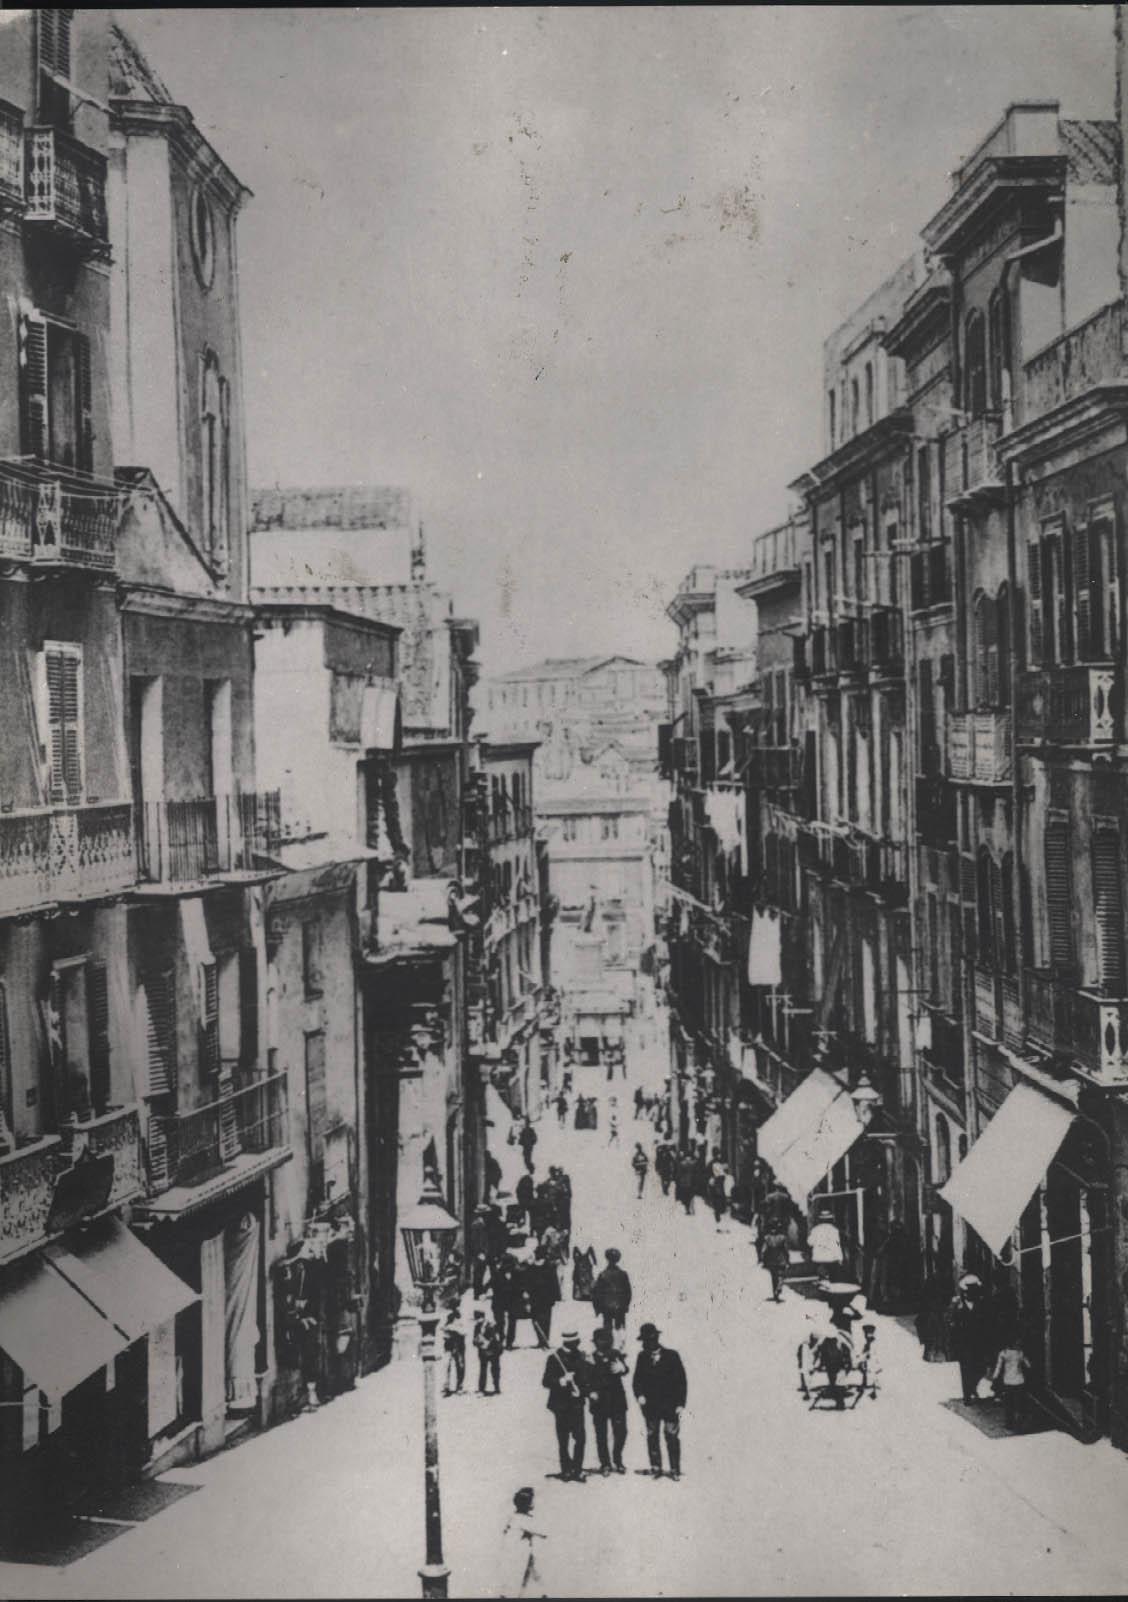 Archivio Comunale - 1880 - Topografia_jpg_foto 0007